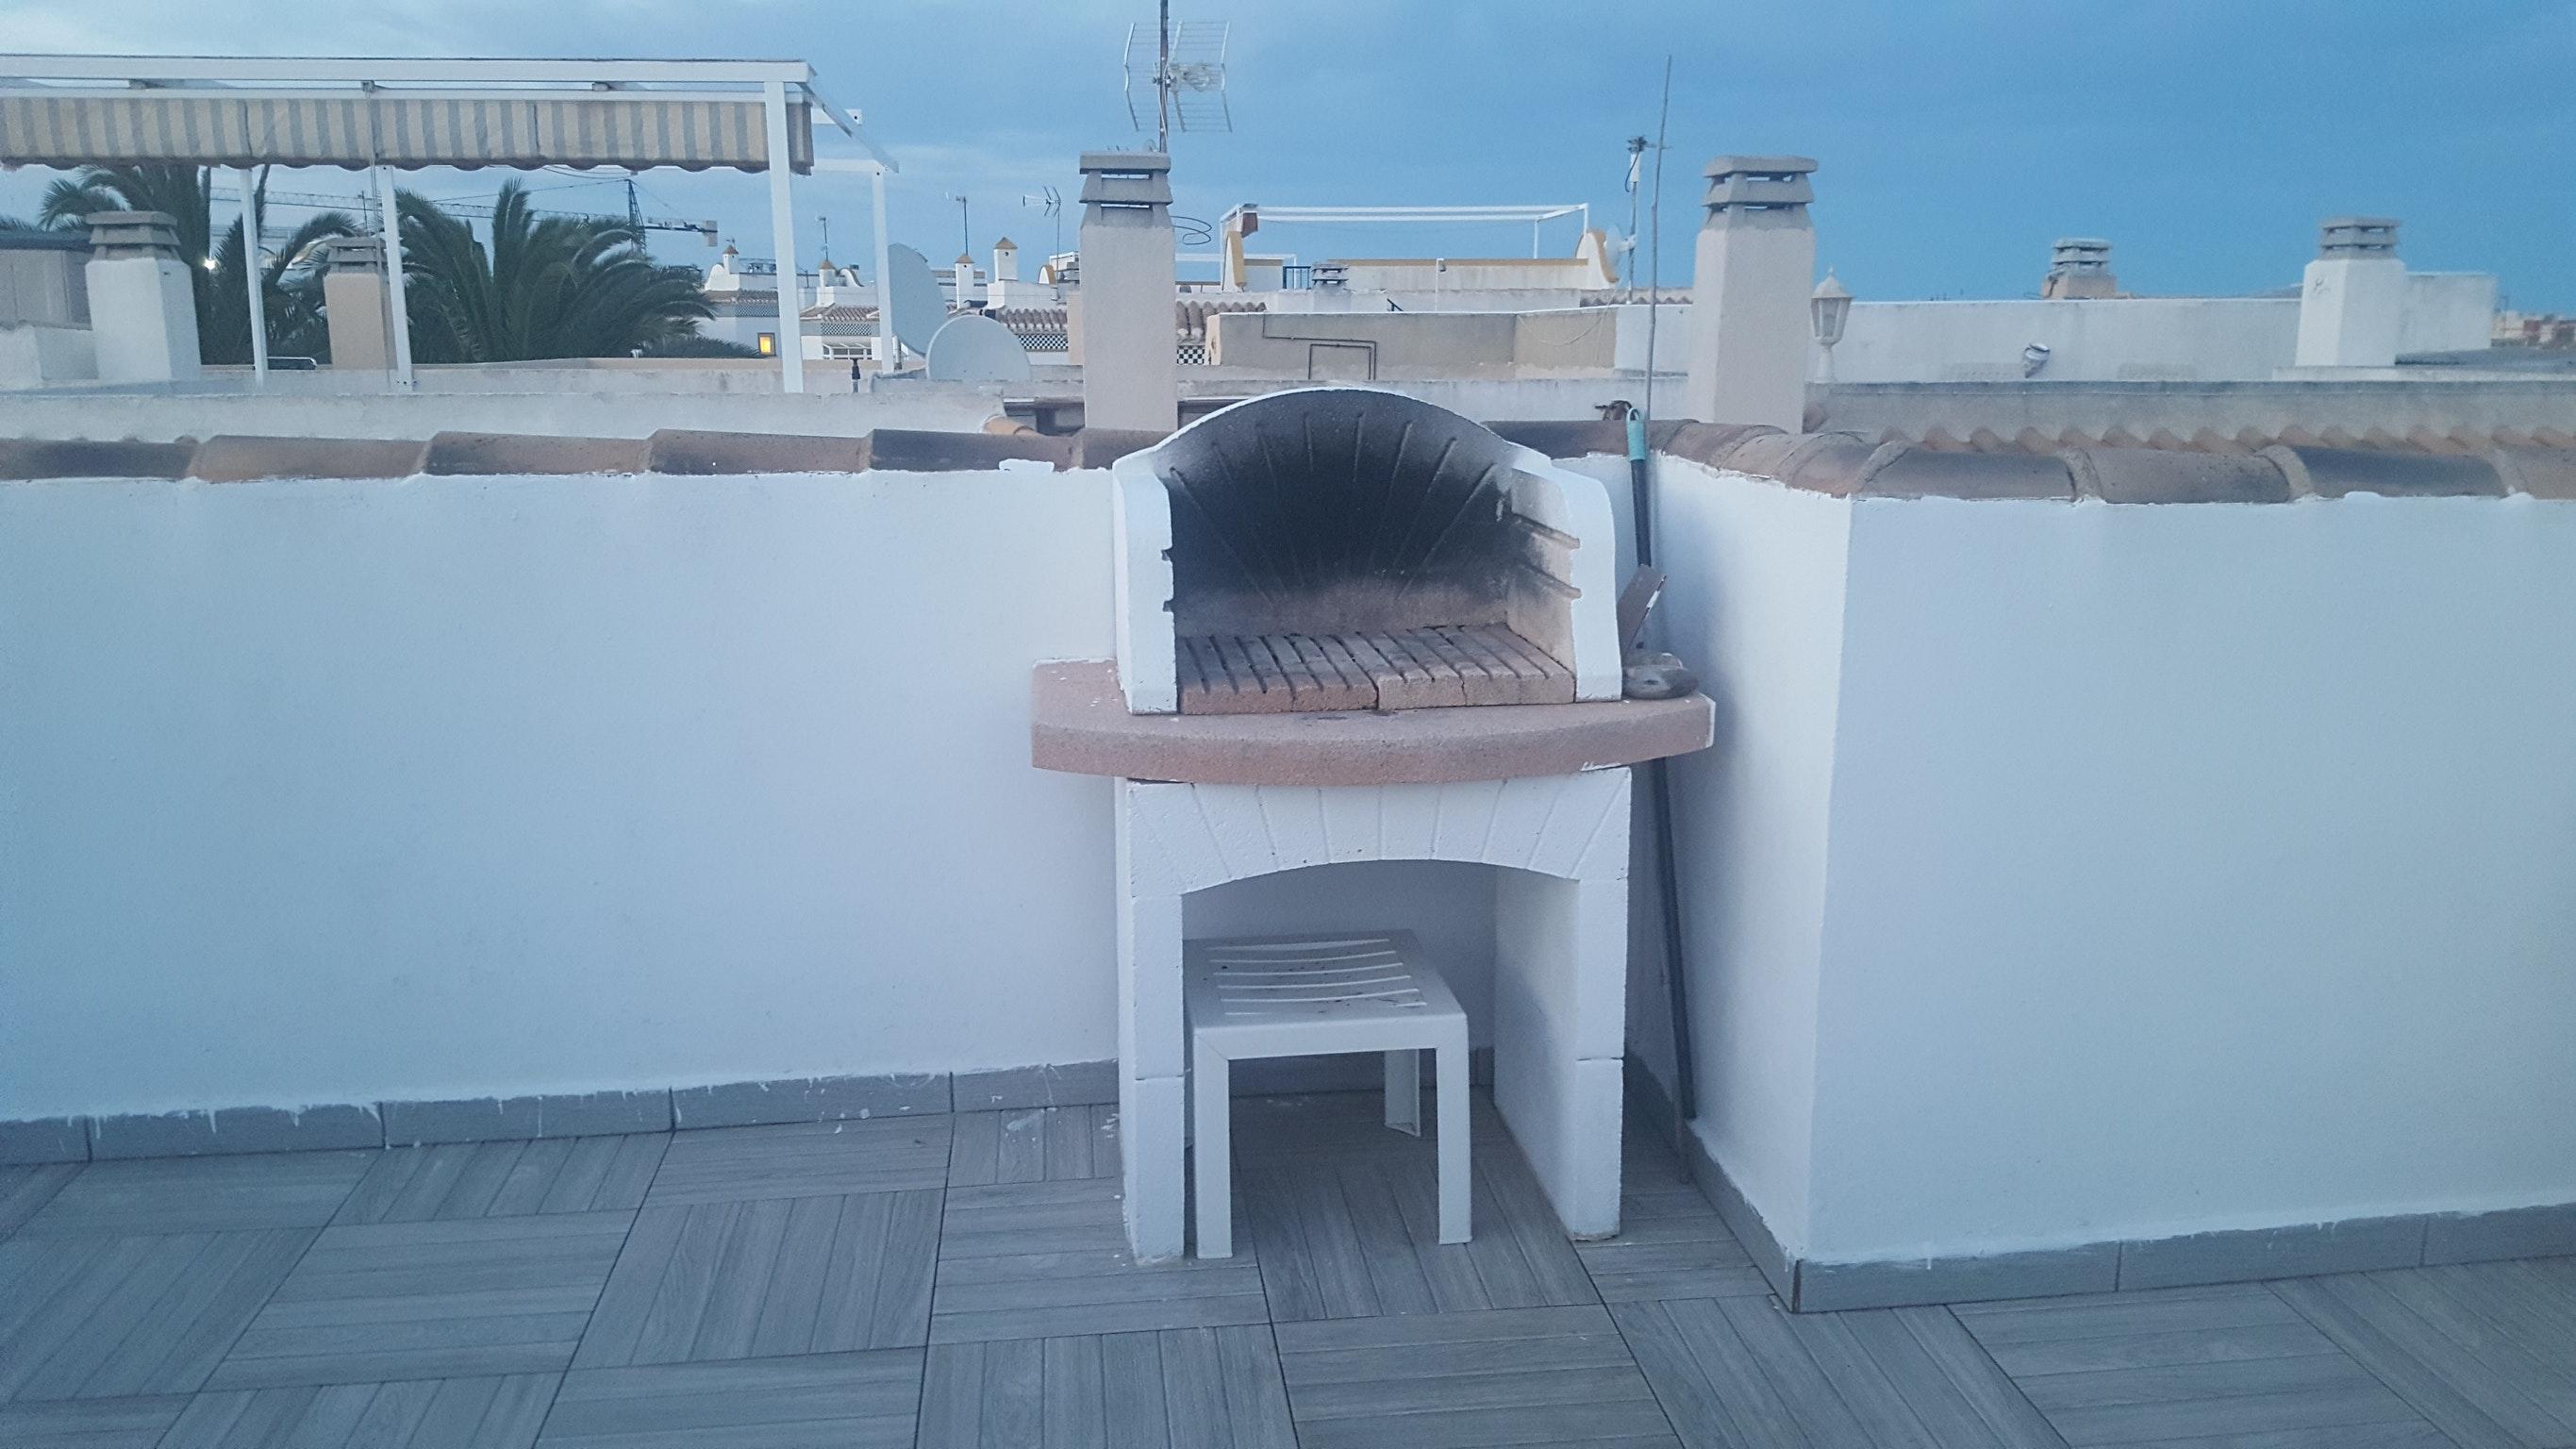 Ferienhaus Sonniges Haus mit 2 Schlafzimmern, WLAN, Swimmingpool und Solarium nahe Torrevieja - 1km z (2202043), Torrevieja, Costa Blanca, Valencia, Spanien, Bild 26